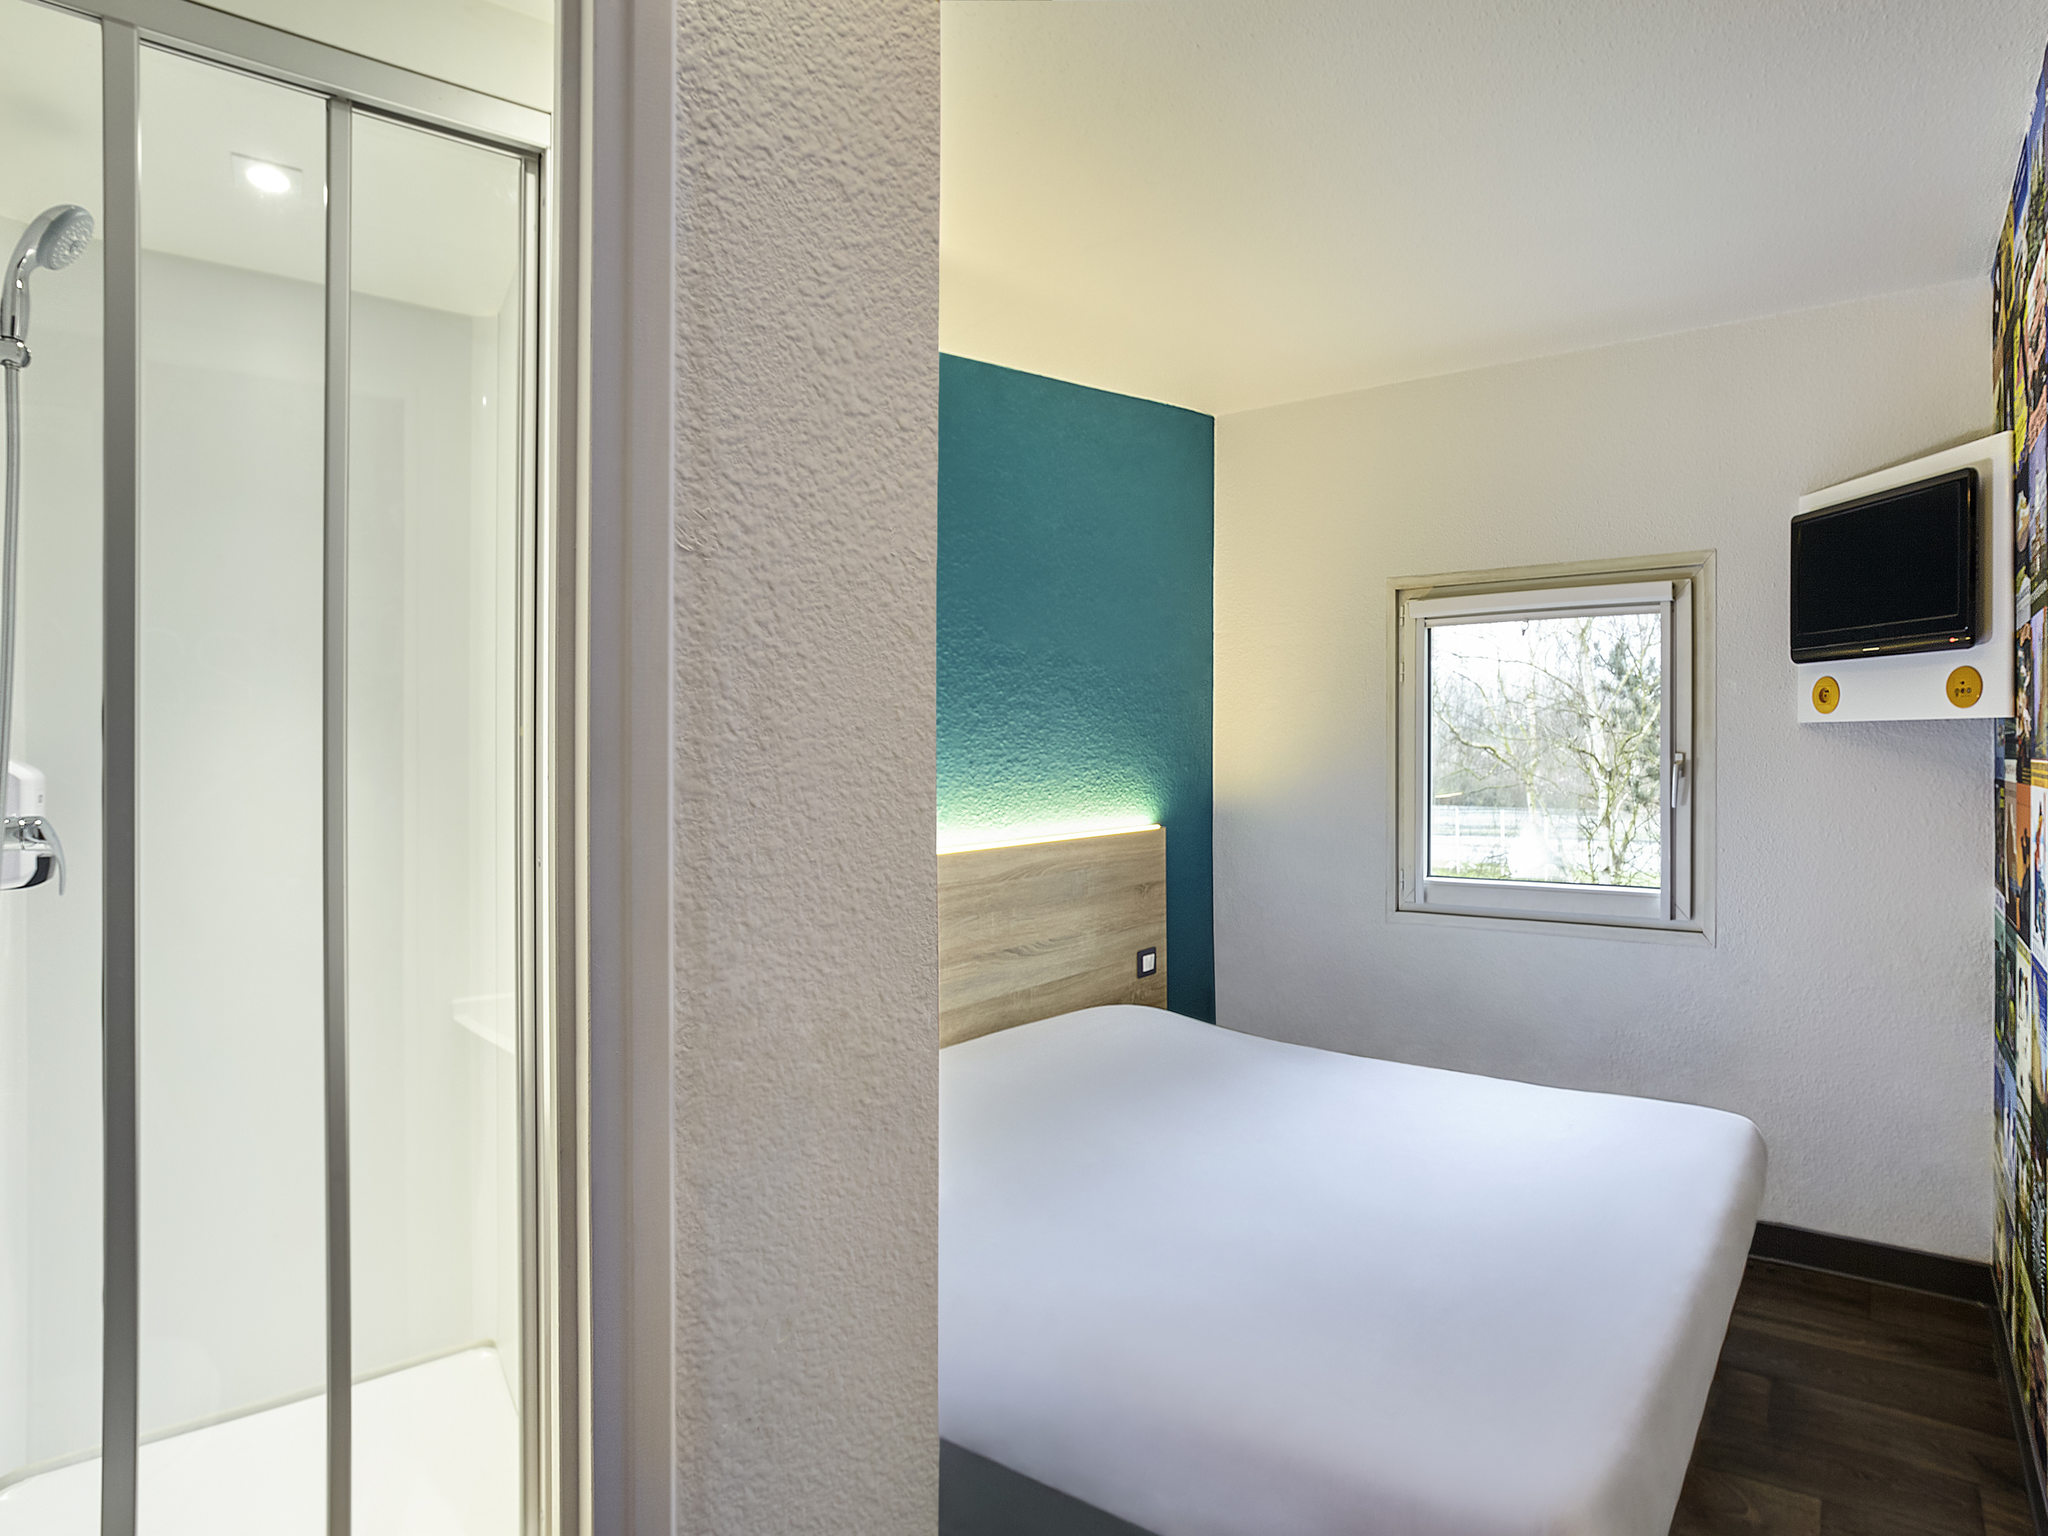 Hotel in mons en baroeul hotelf1 lille metropole metro for Hotels lille